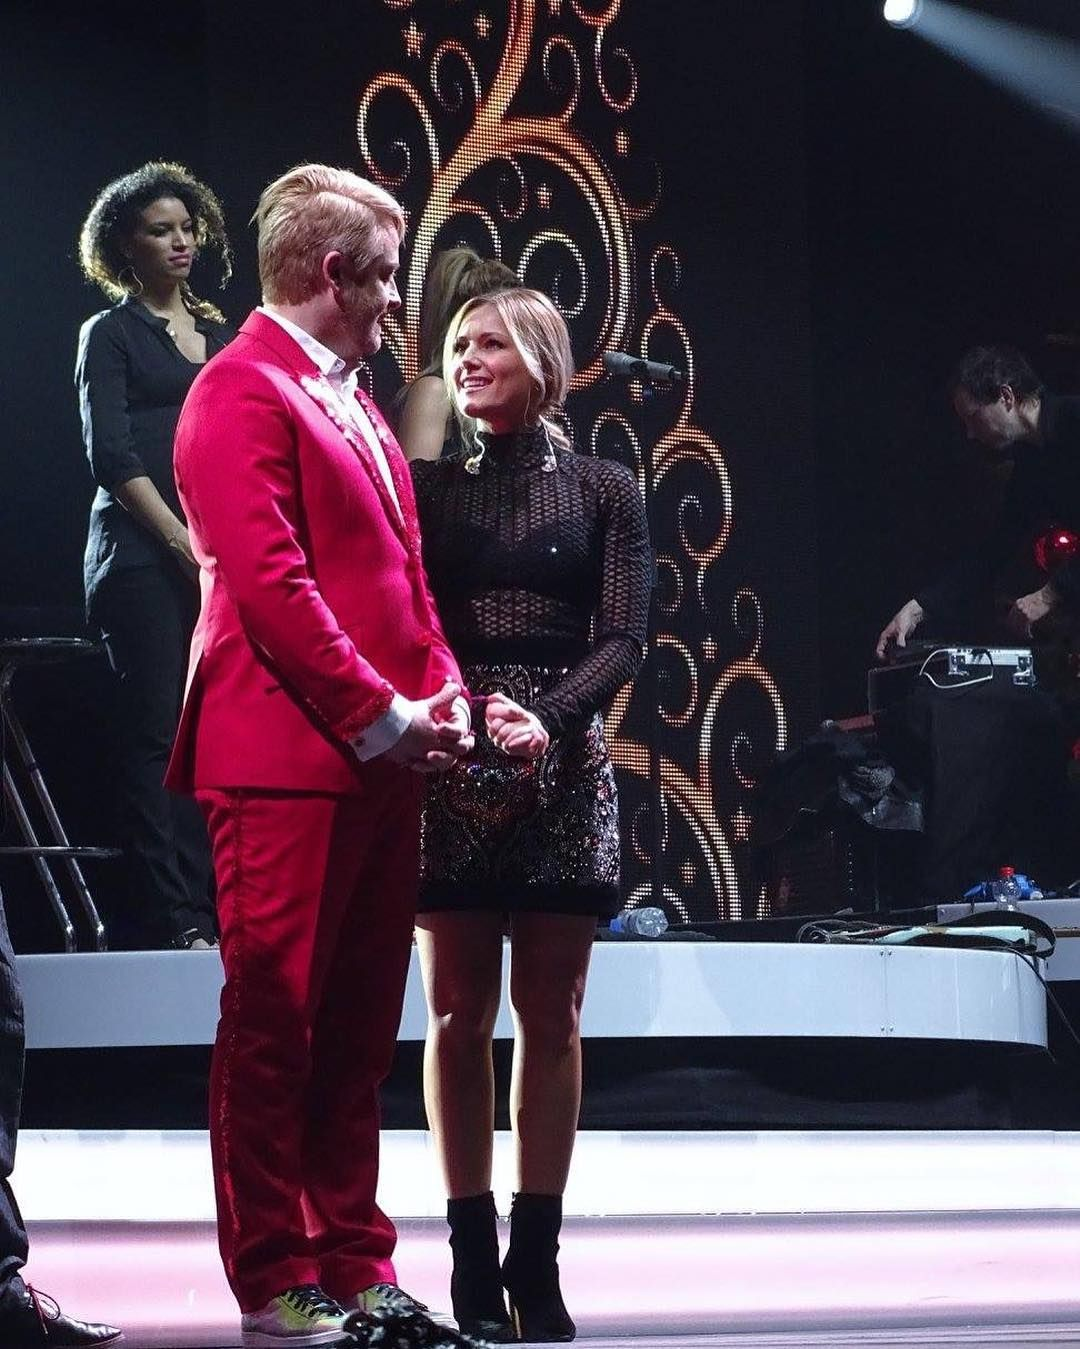 Helene Fischer Auf Der Weihnachtsgala In Leipzig Arena Leipzig Helenefischer Rossantony Weihnachtsgala Heute Leipzig Instagram Instagram Posts Singer